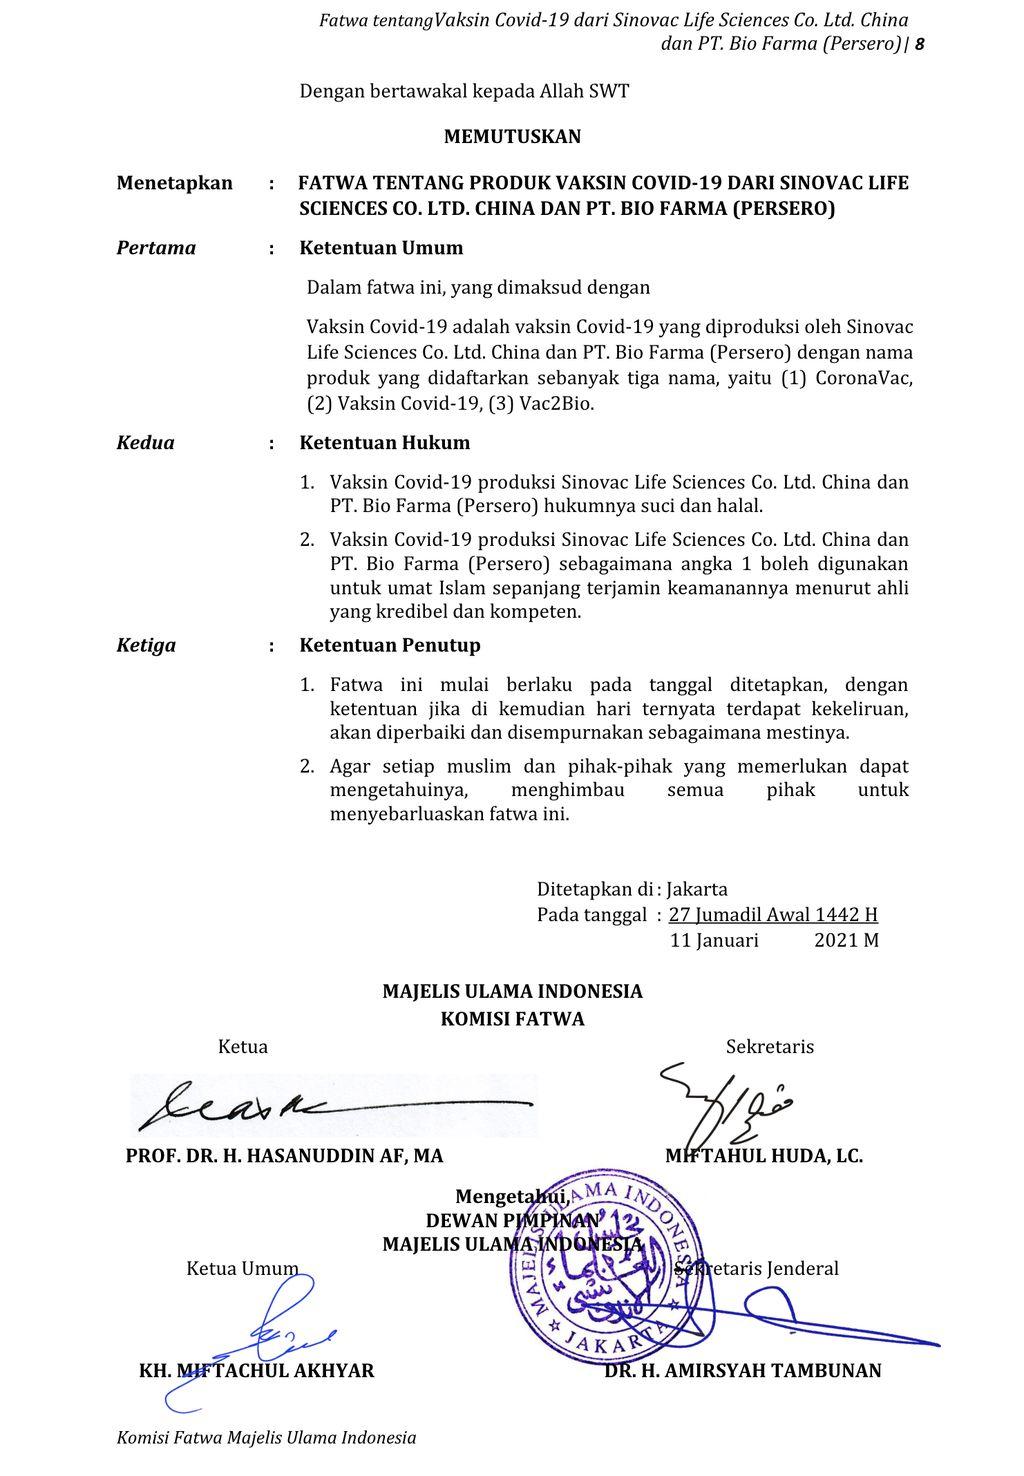 Fatwa MUI mengenai vaksin Covid-19 produksi Sinovac dan Biofarma